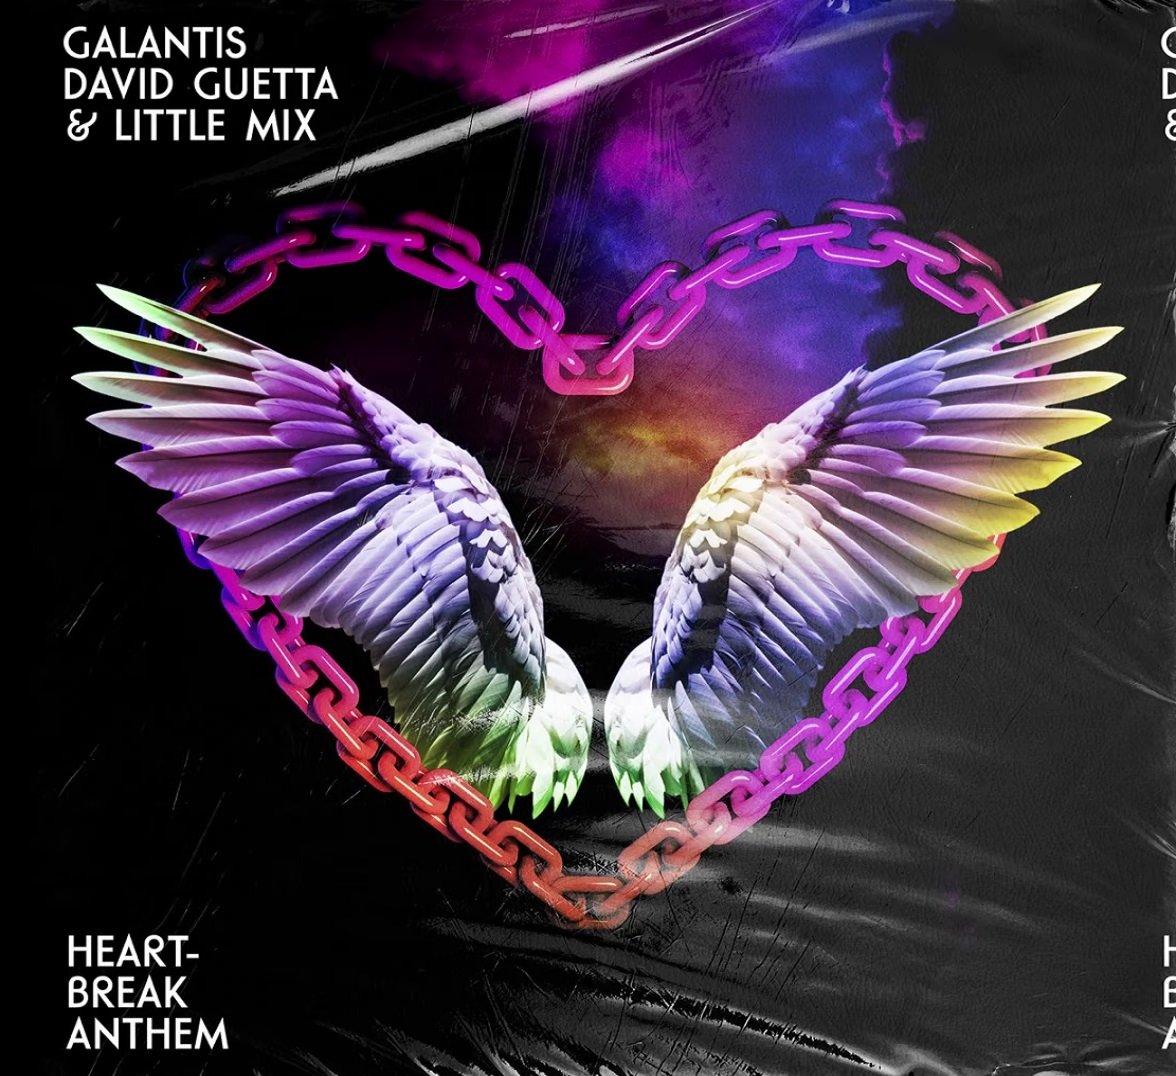 Galantis David Guetta Little Mix Heartbreak Anthem 1